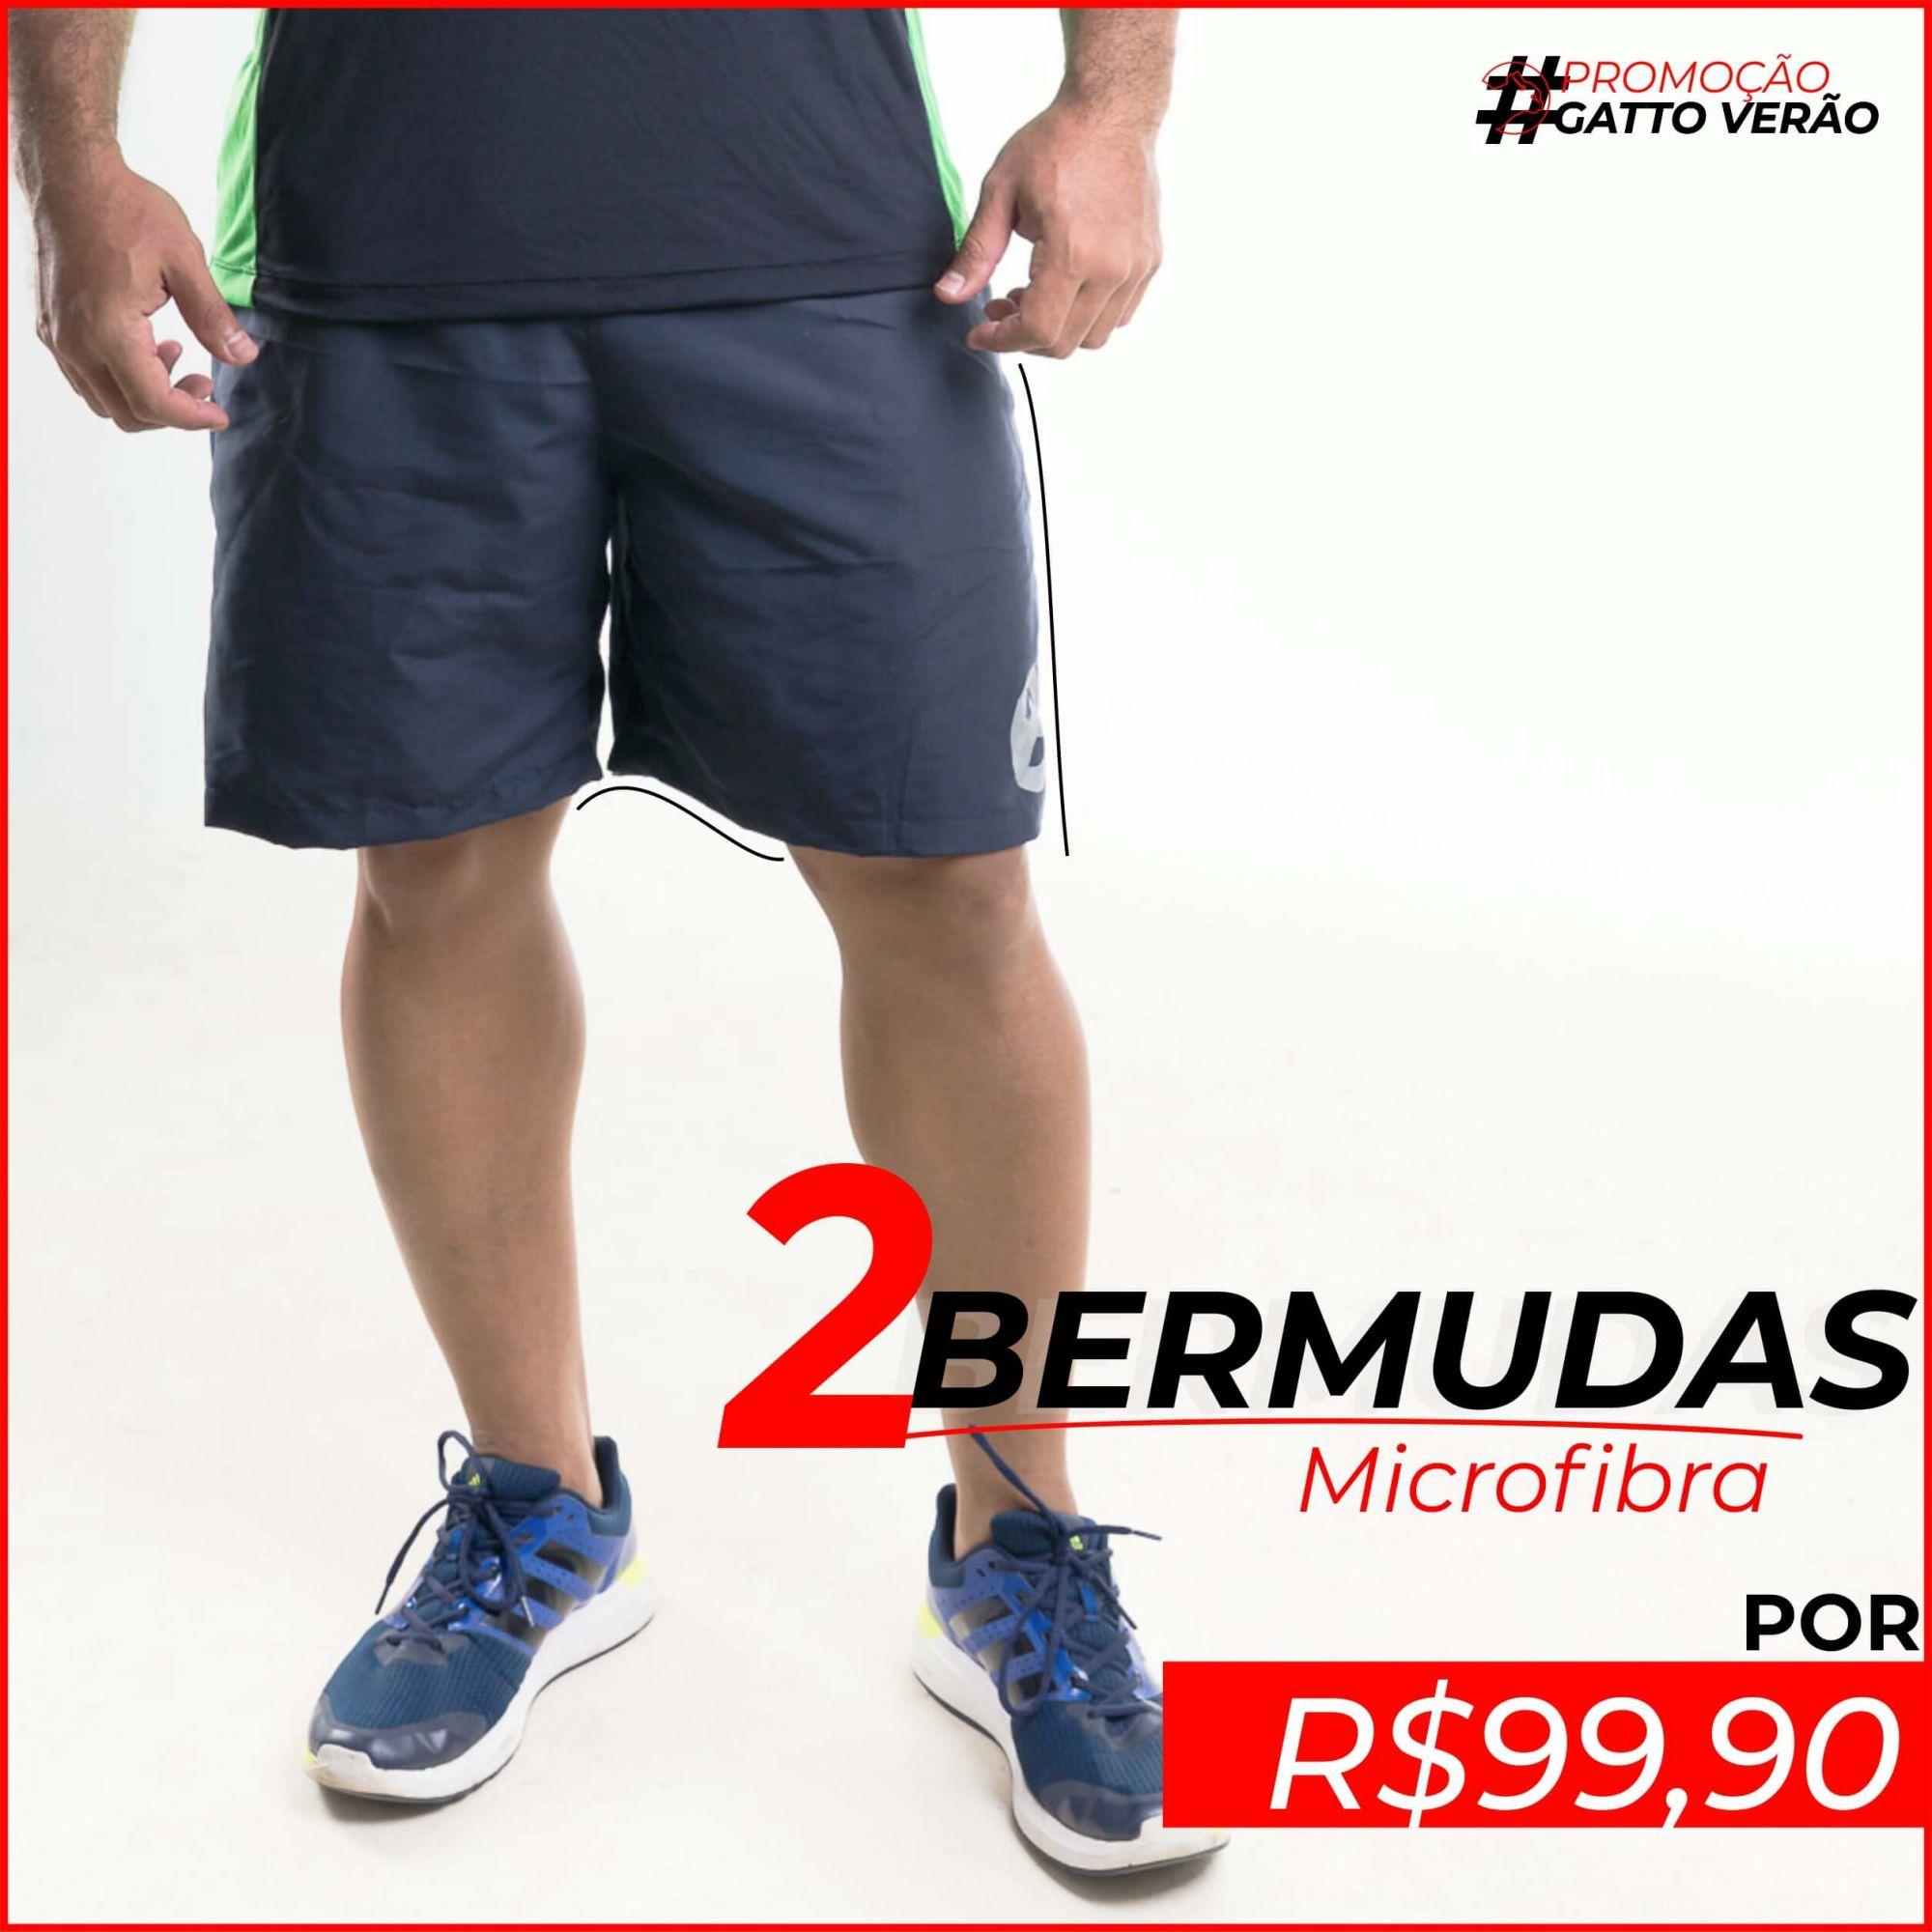 2 Bermudas Microfibra - GATTOVERAO